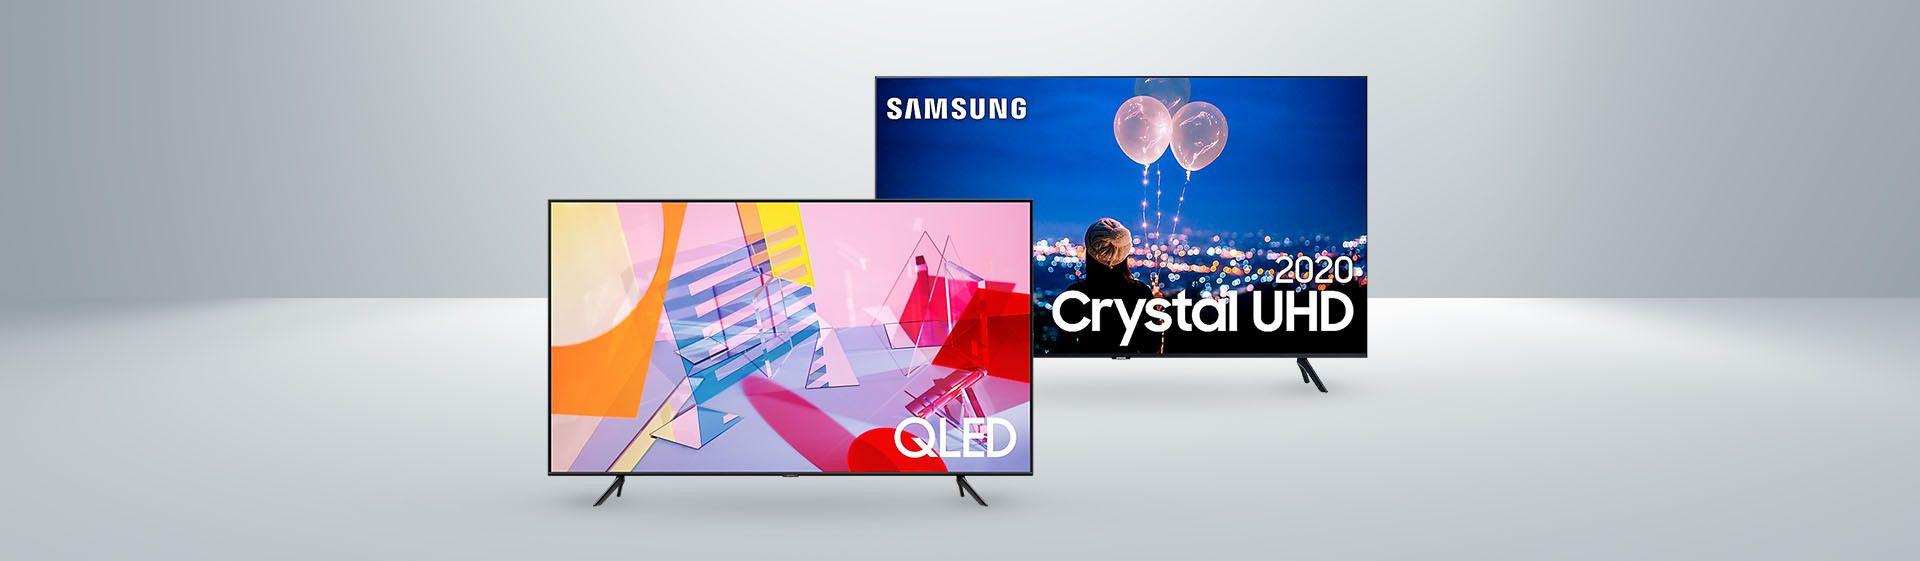 Samsung TU8000 vs Samsung Q60T: qual a melhor TV 4K da marca?